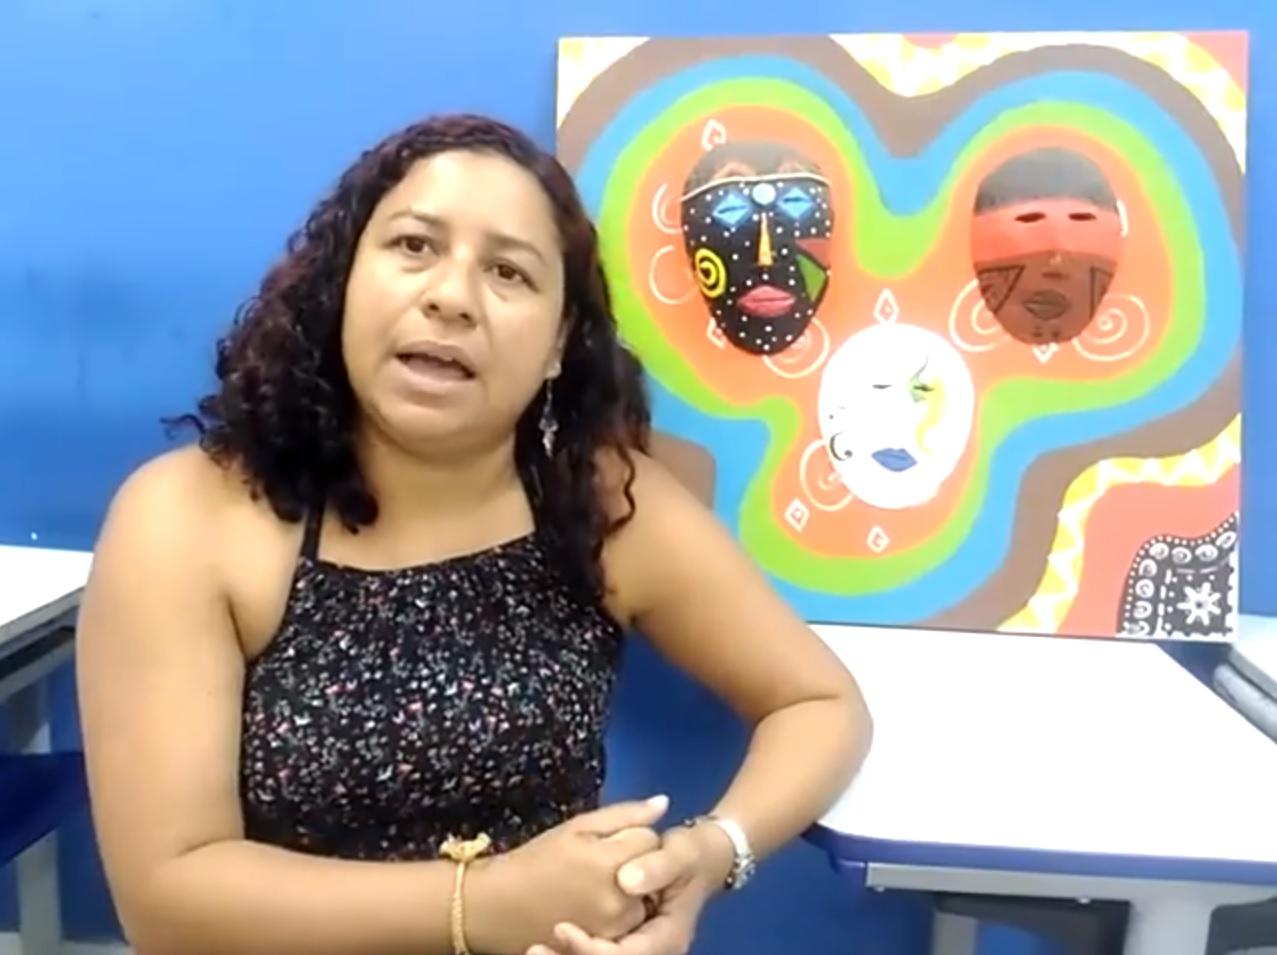 A professora municipal Sabrina Luz foi denunciada em maio passado na ouvidoria da prefeitura de Macaé (RJ) por exibir em sala de aula o filme Besouro em uma abordagem sobre cultura afro-brasileira